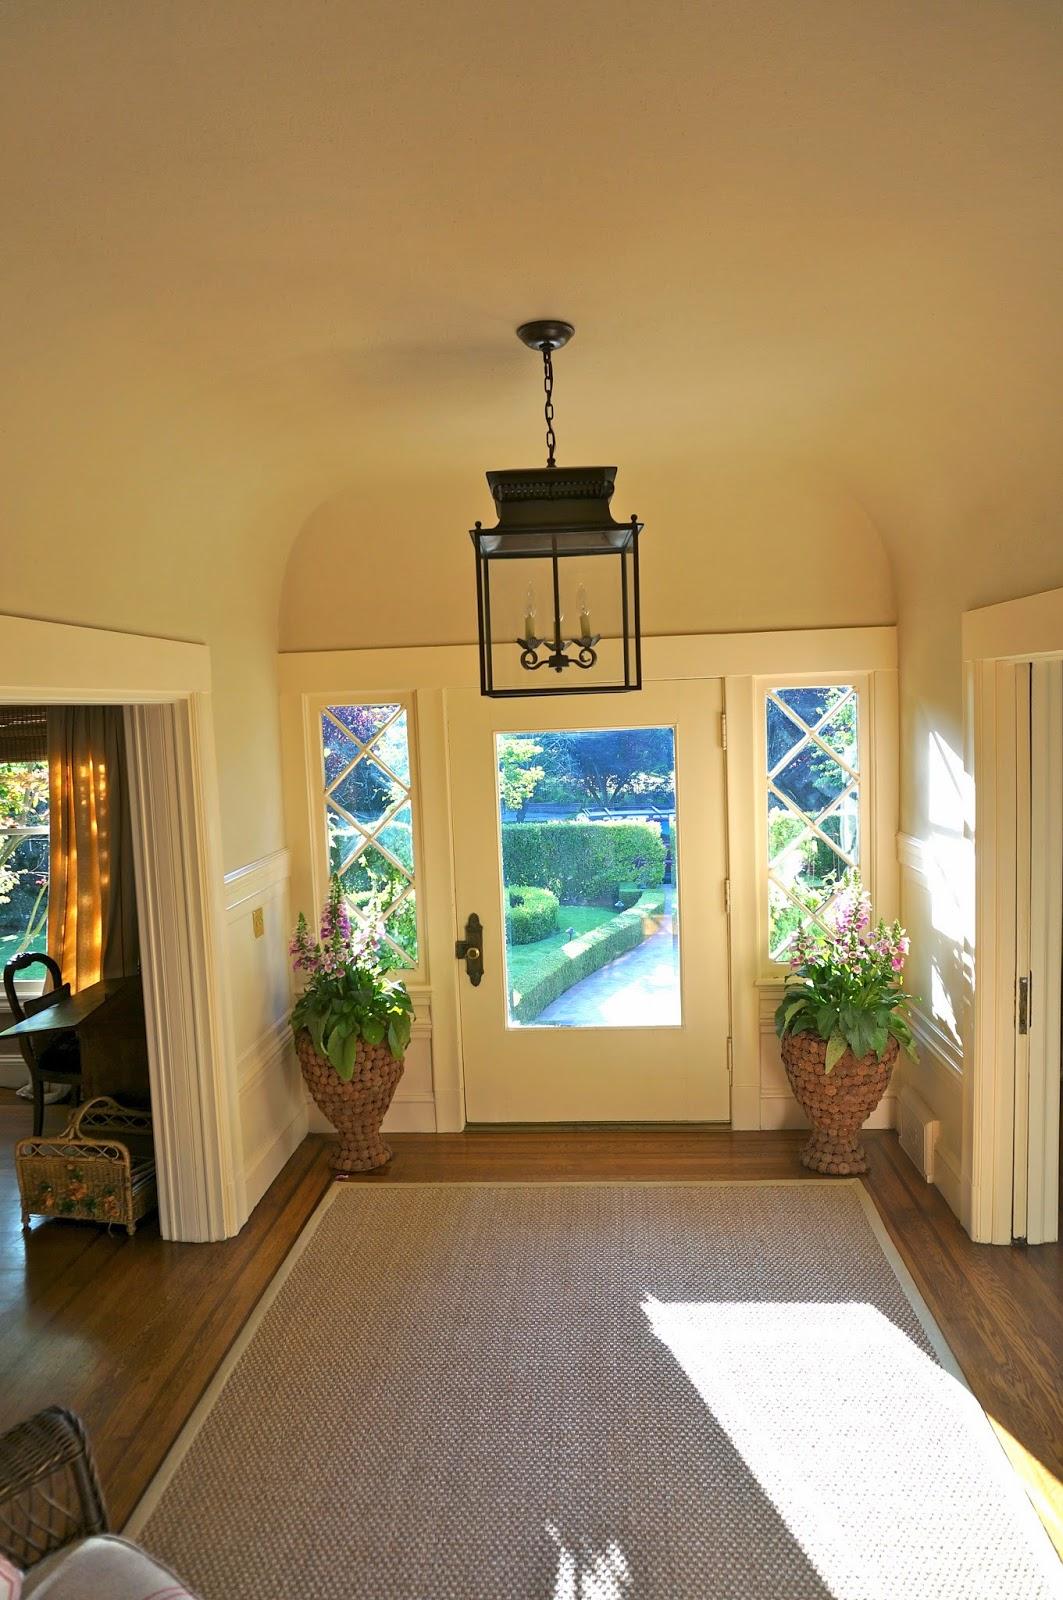 vignette design the foyer gets an update. Black Bedroom Furniture Sets. Home Design Ideas